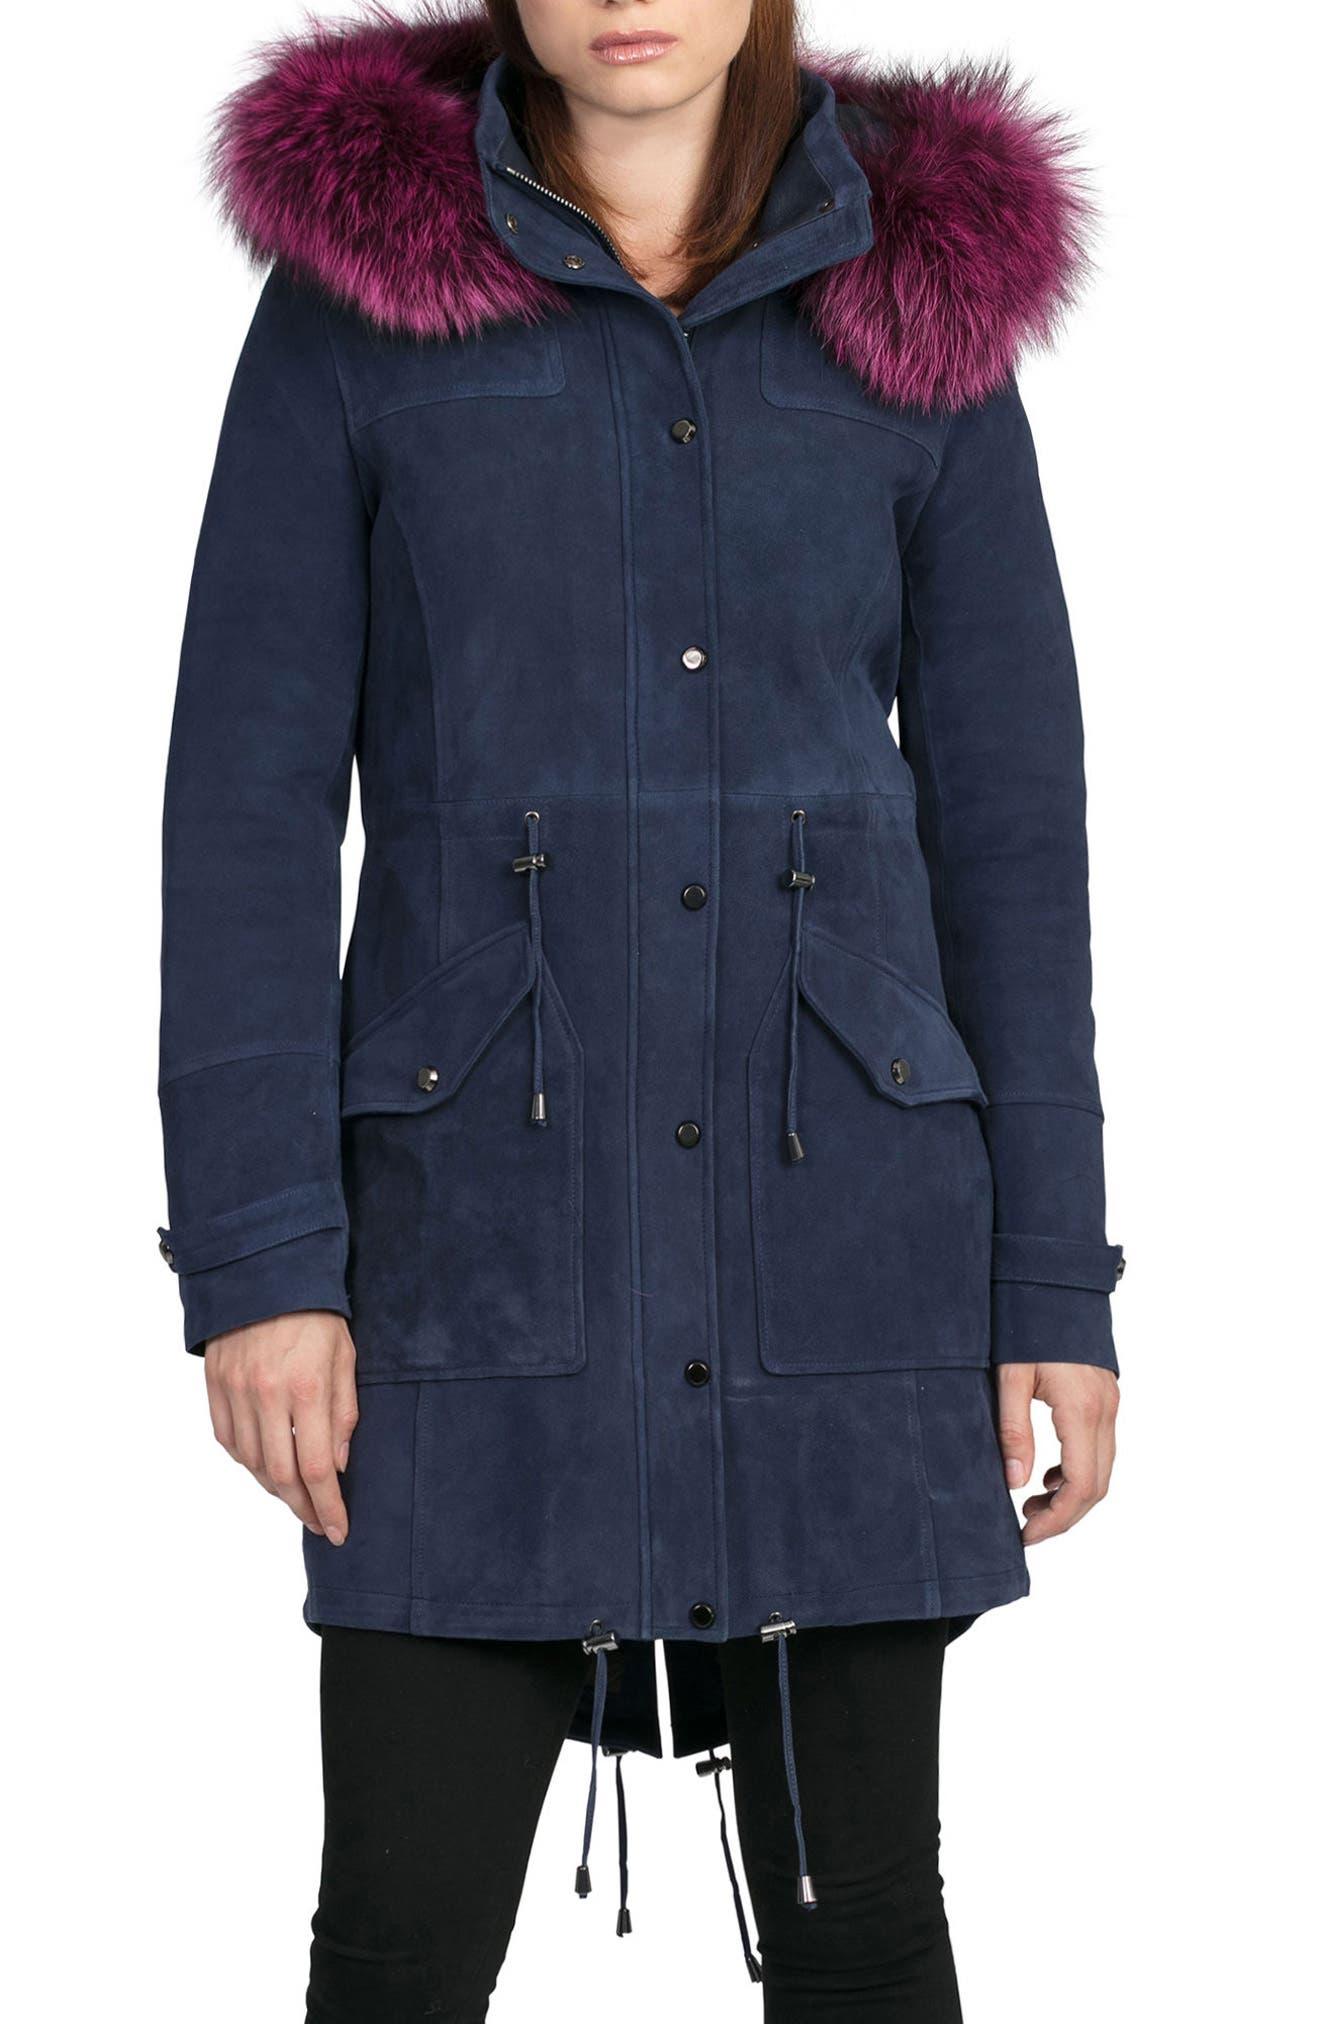 BAGATELLE.CITY The Parka Suede Coat with Genuine Fox Fur Trim,                             Main thumbnail 1, color,                             402